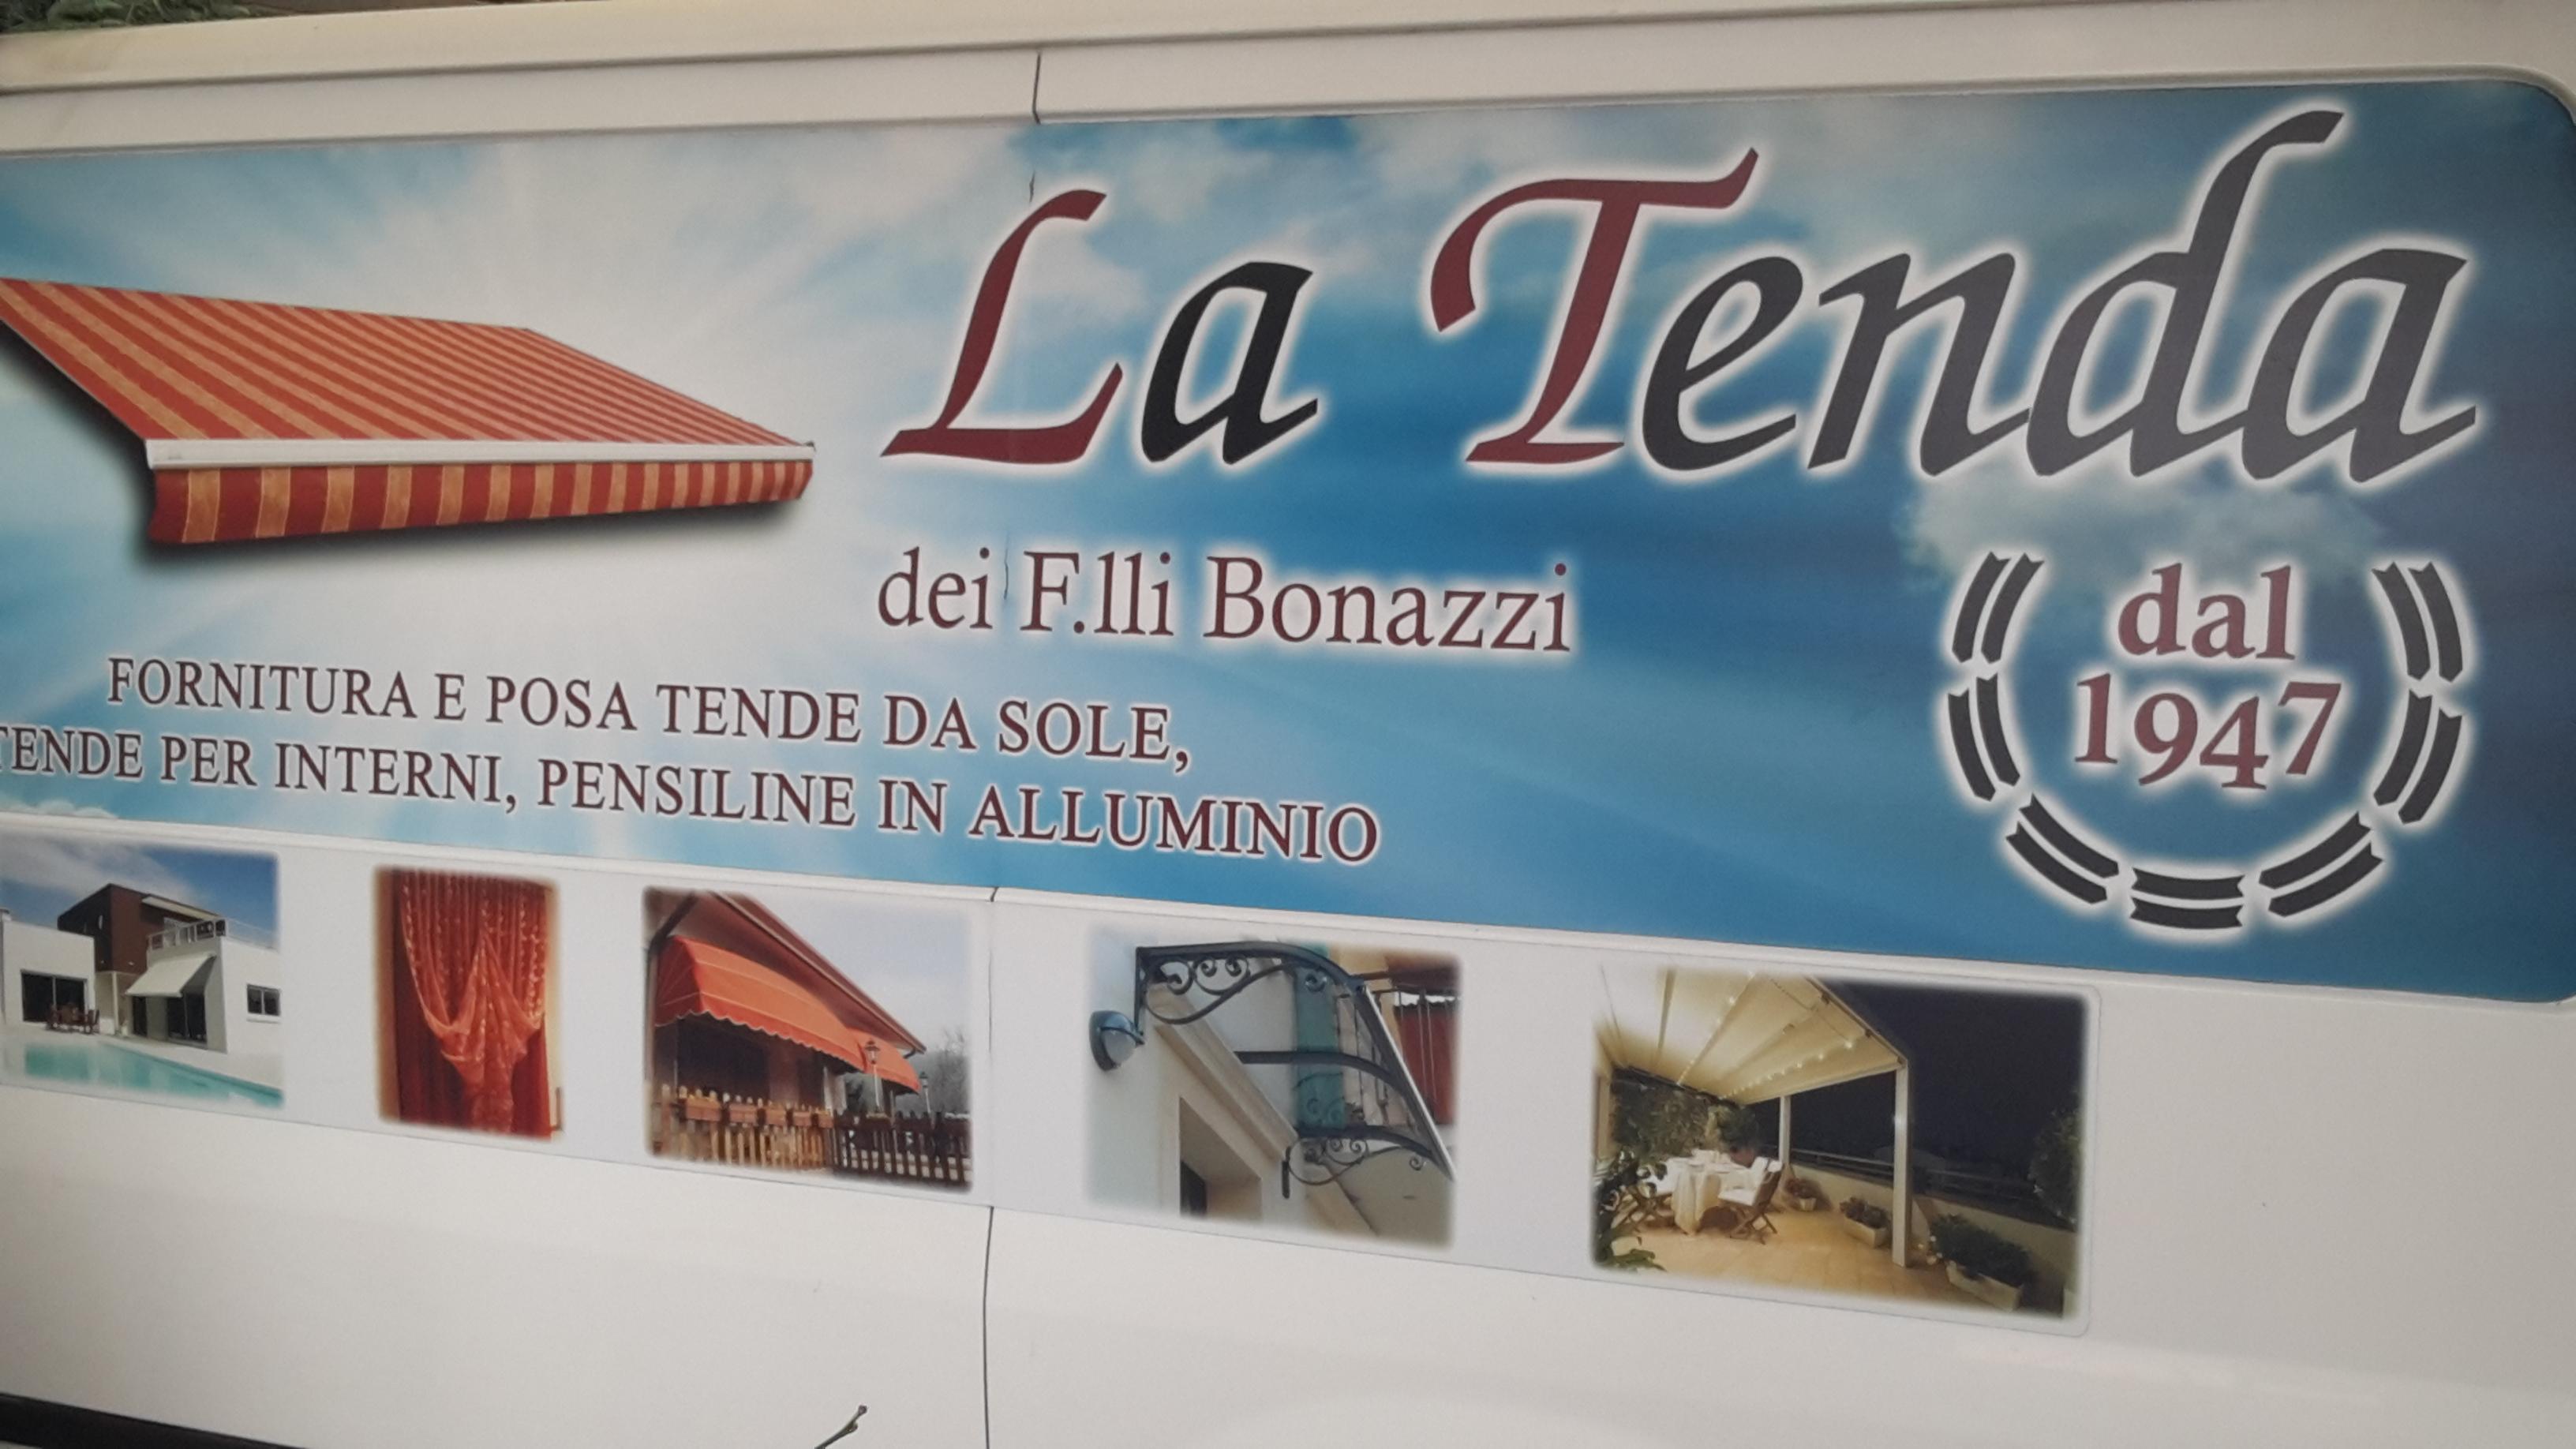 La Tenda dei Fratelli Bonazzi